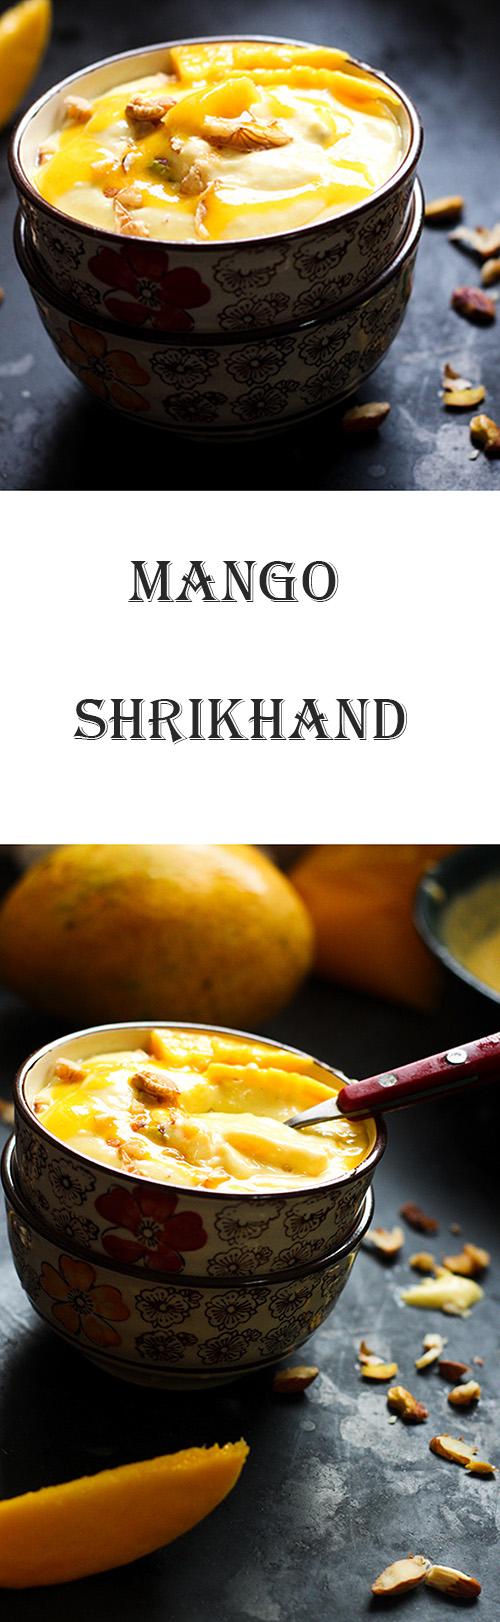 Mango Shrikhand or amrakhand recipe is a delicious dessert made with yogurt and mango.